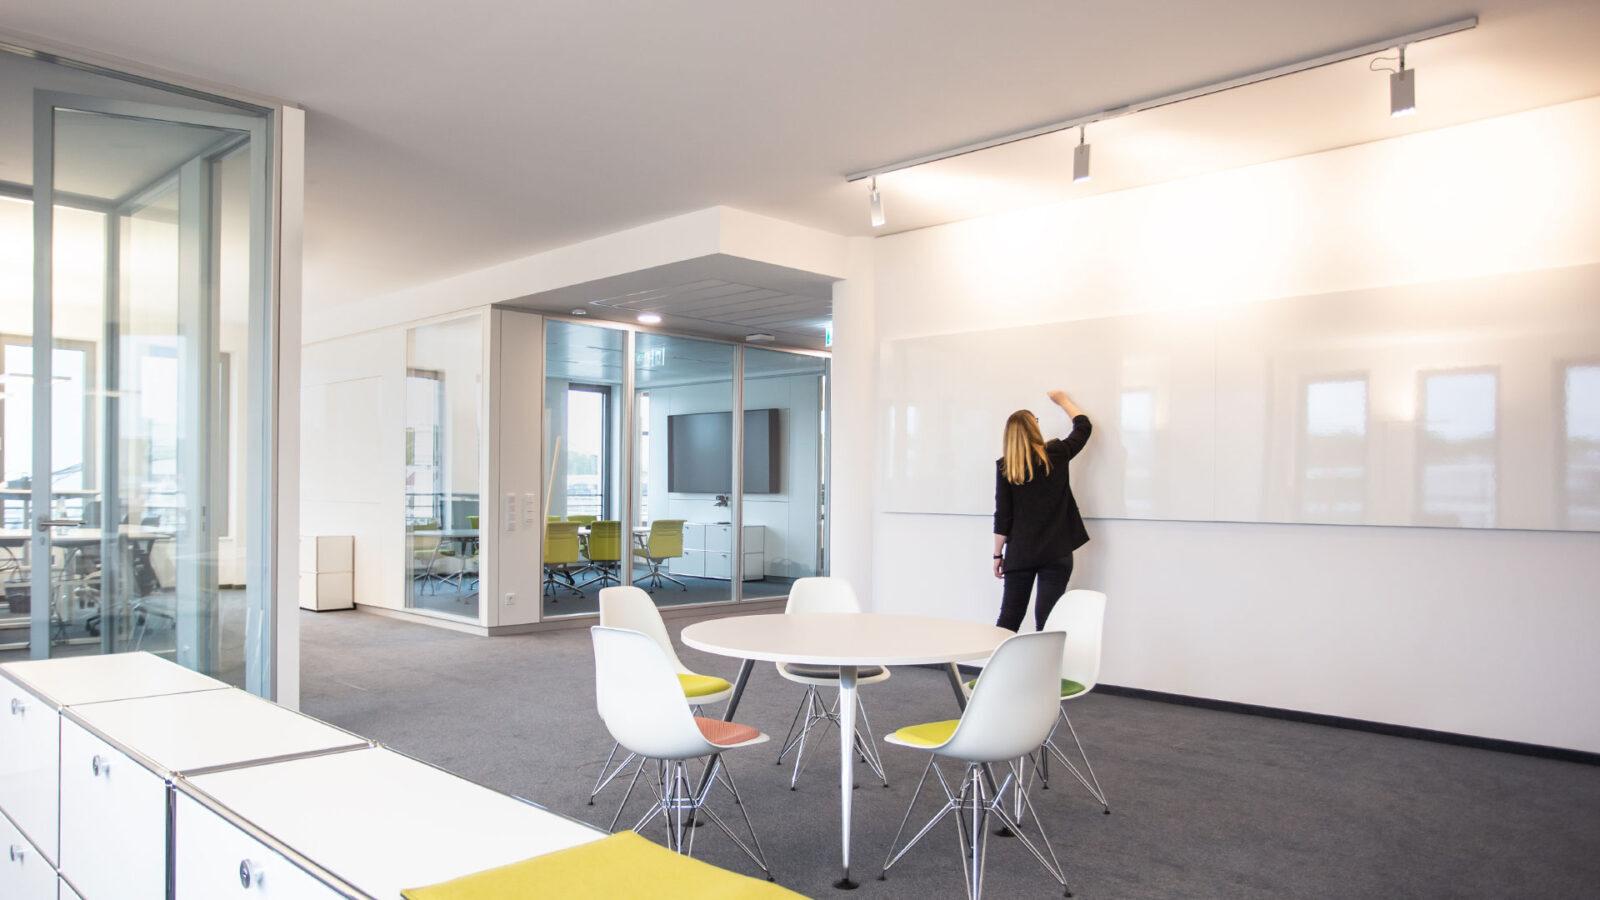 Vielseitig nutzbare Bürofläche mit kleinem Besprechungtisch und großem Whiteboard für kreative Zusammenarbeit im Team